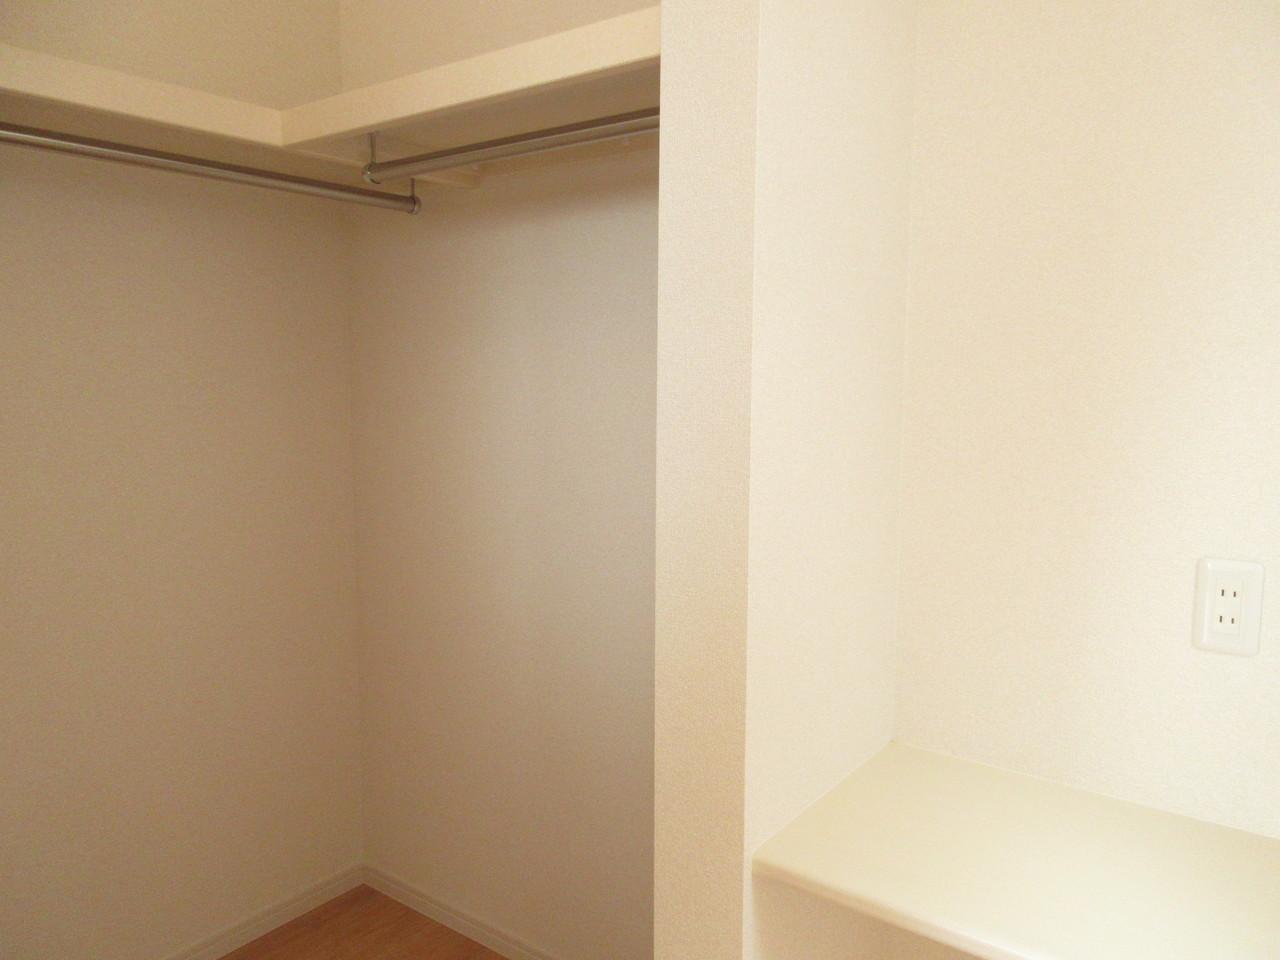 2階居室は全てのお部屋にウォークインクローゼットがついています!収納力抜群でお部屋をすっきりとお使いいただけますね(^^)